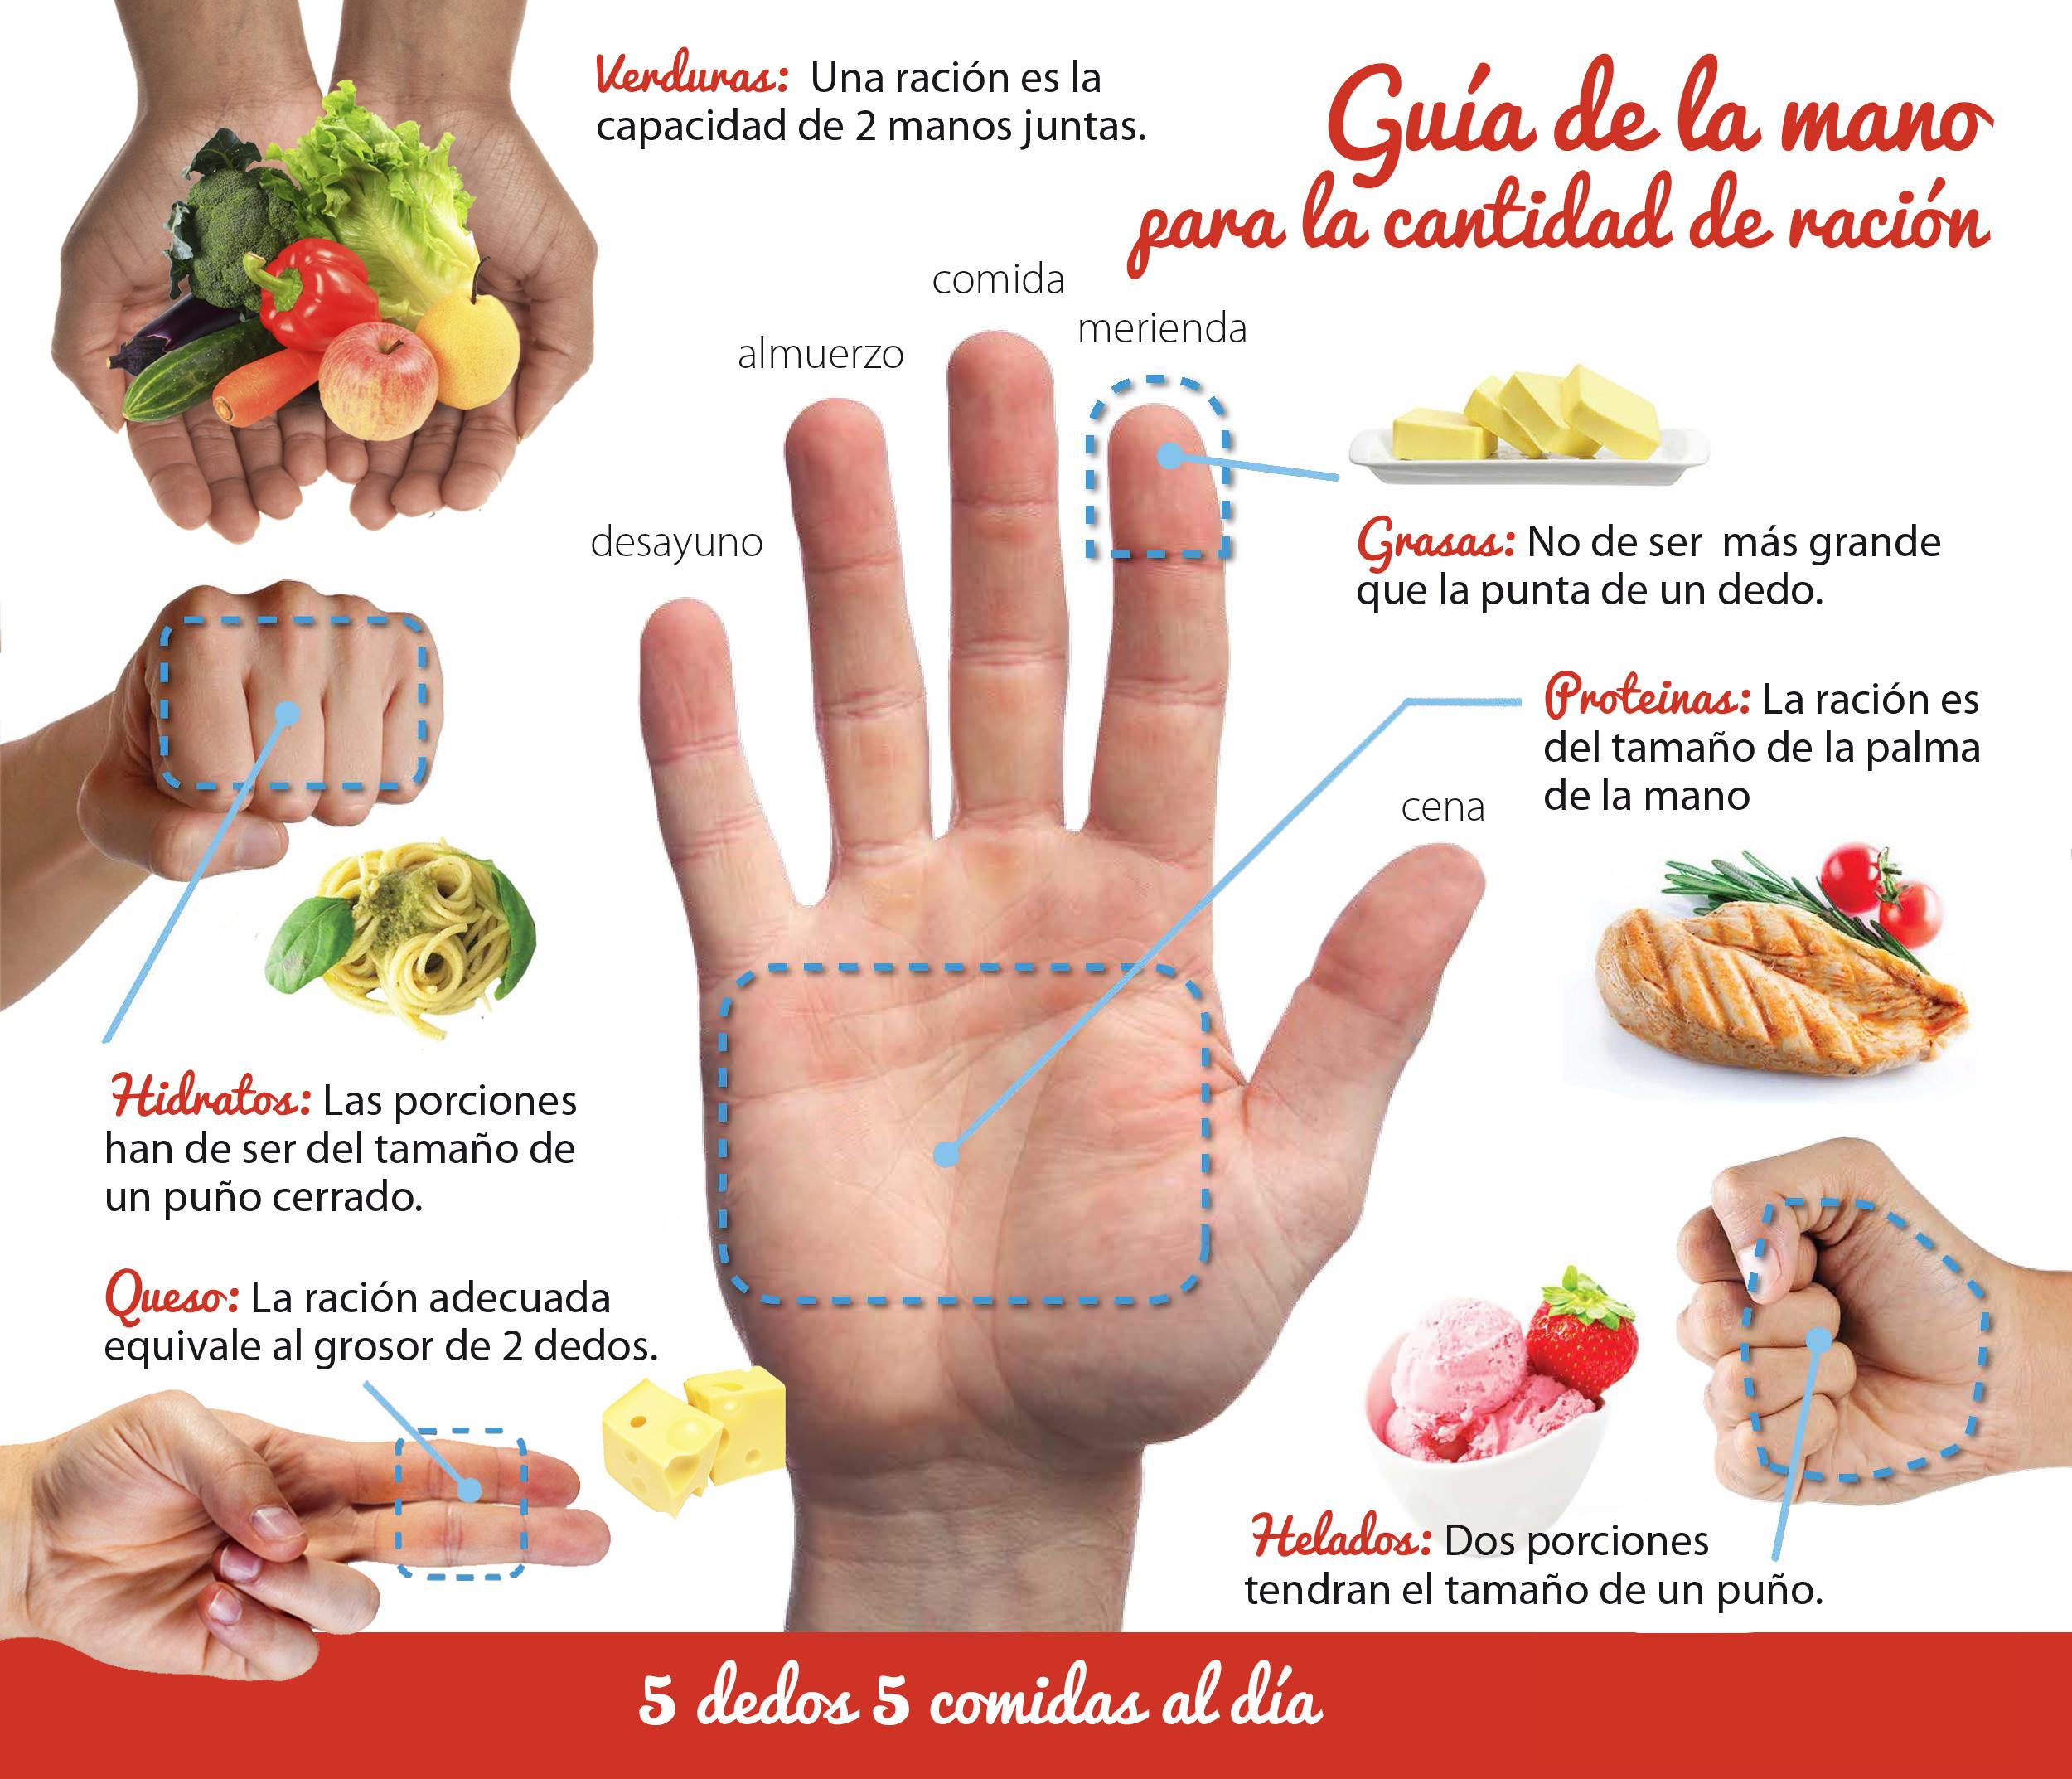 guia de la mano para la cantidad de racion que comemos